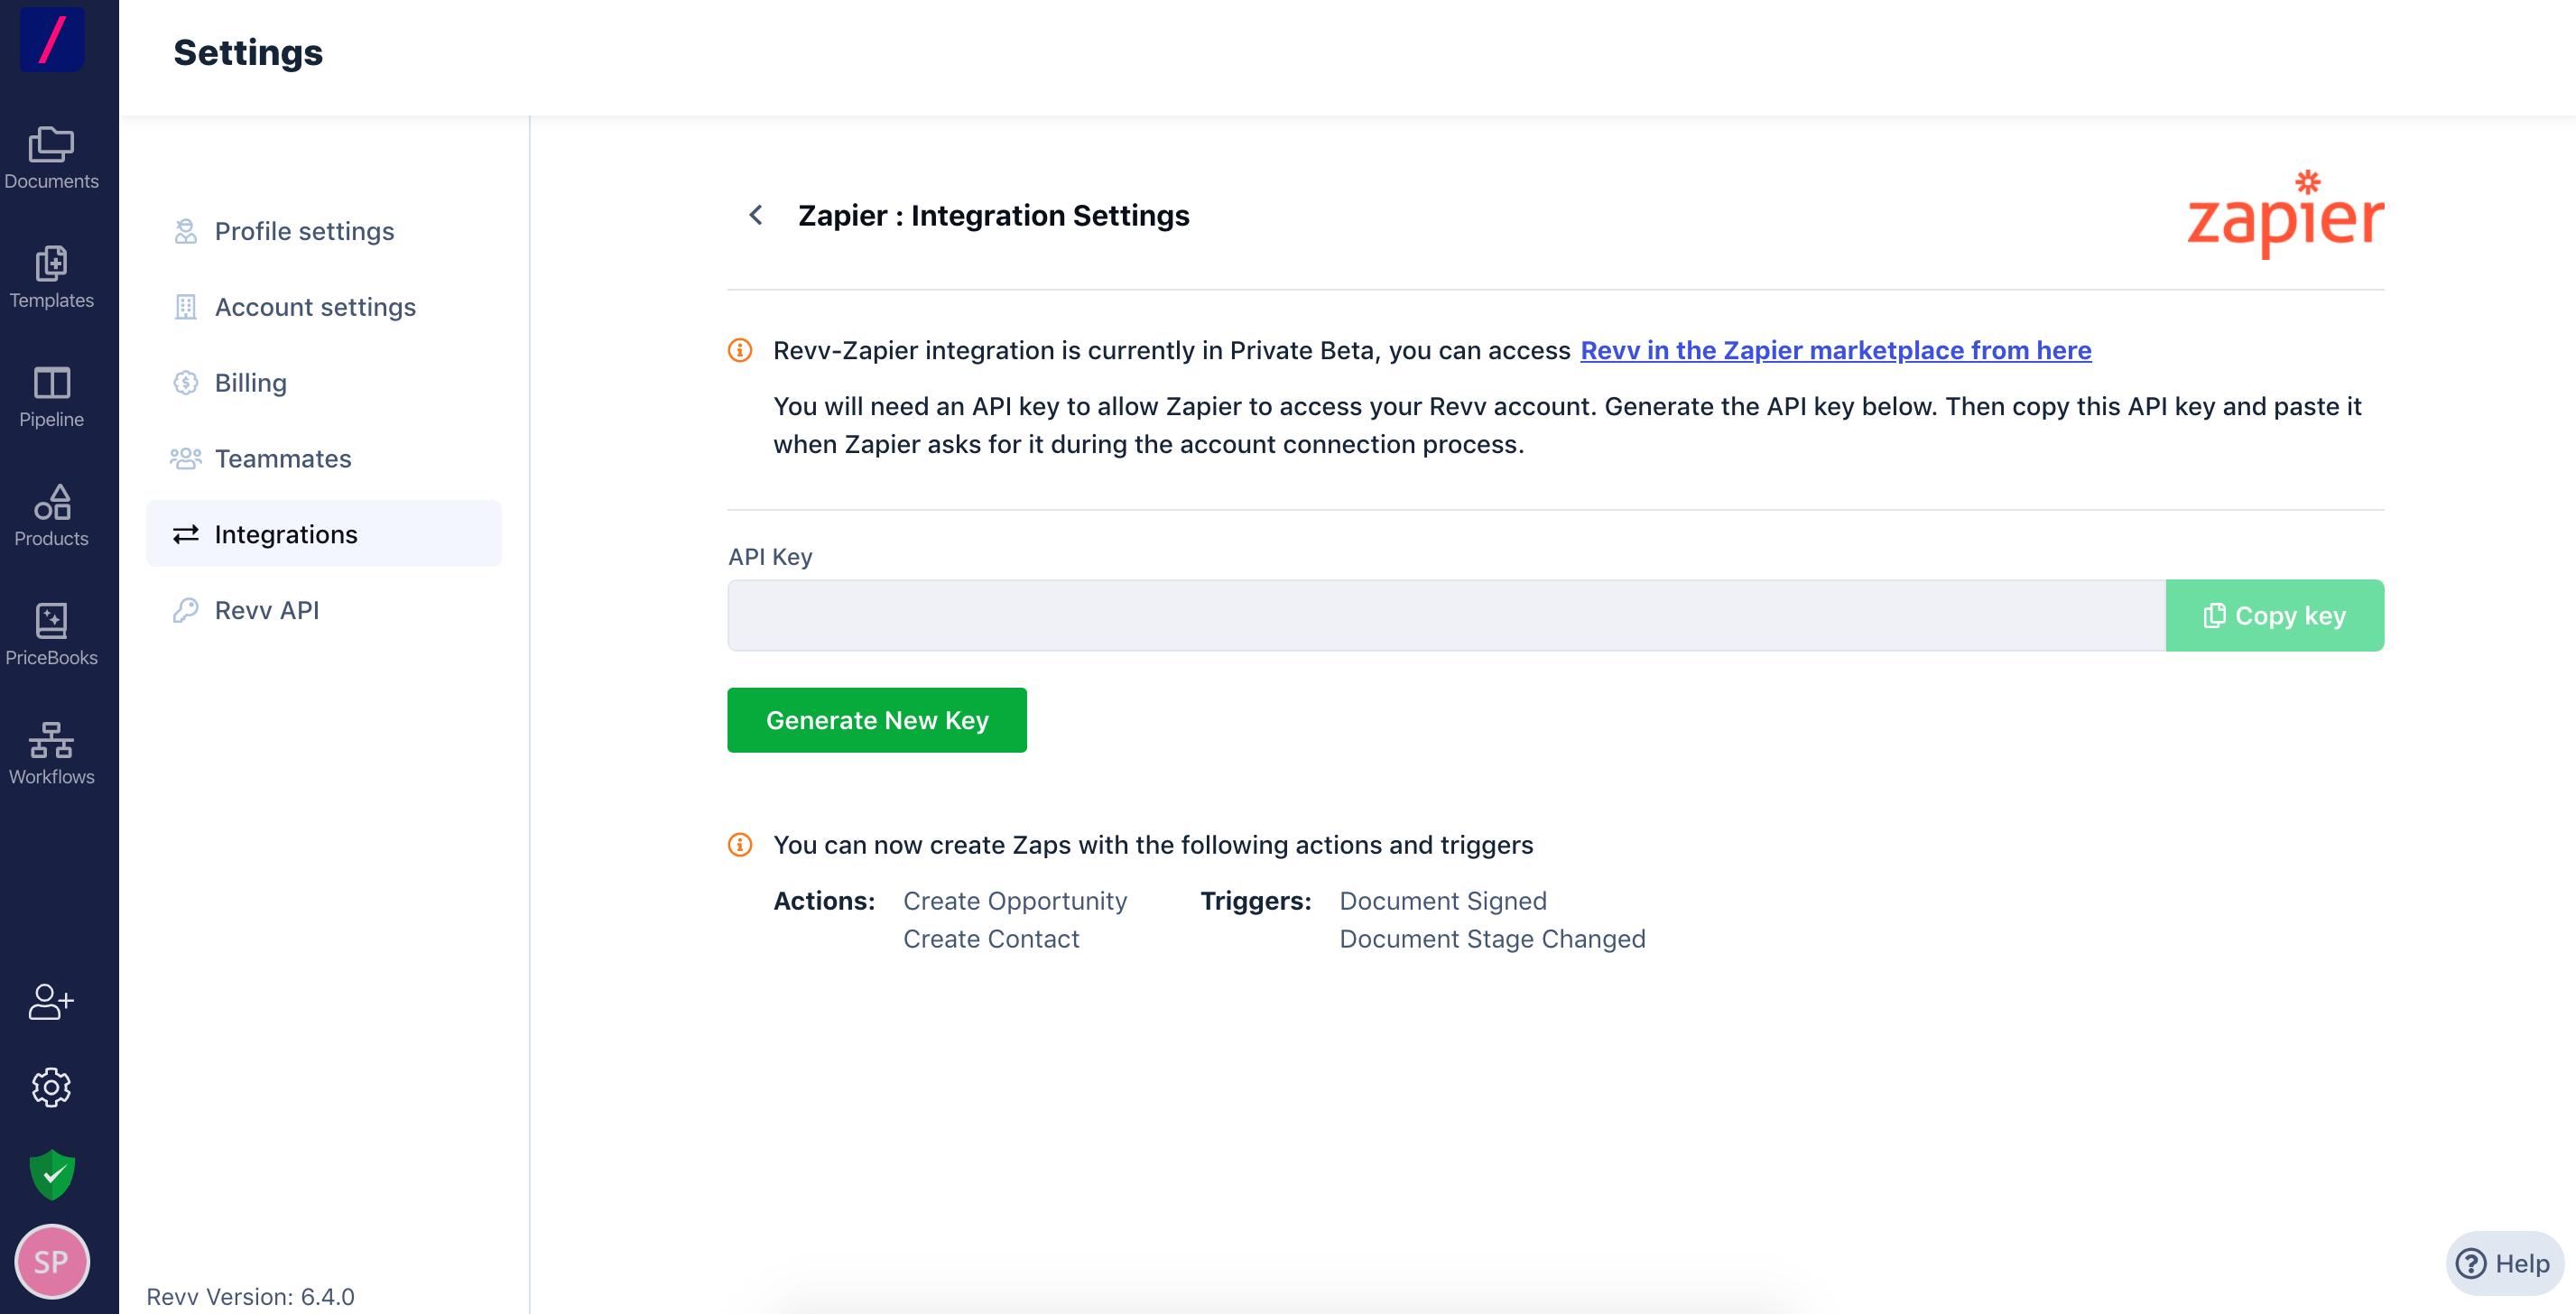 Revv Zapier Integration Settings